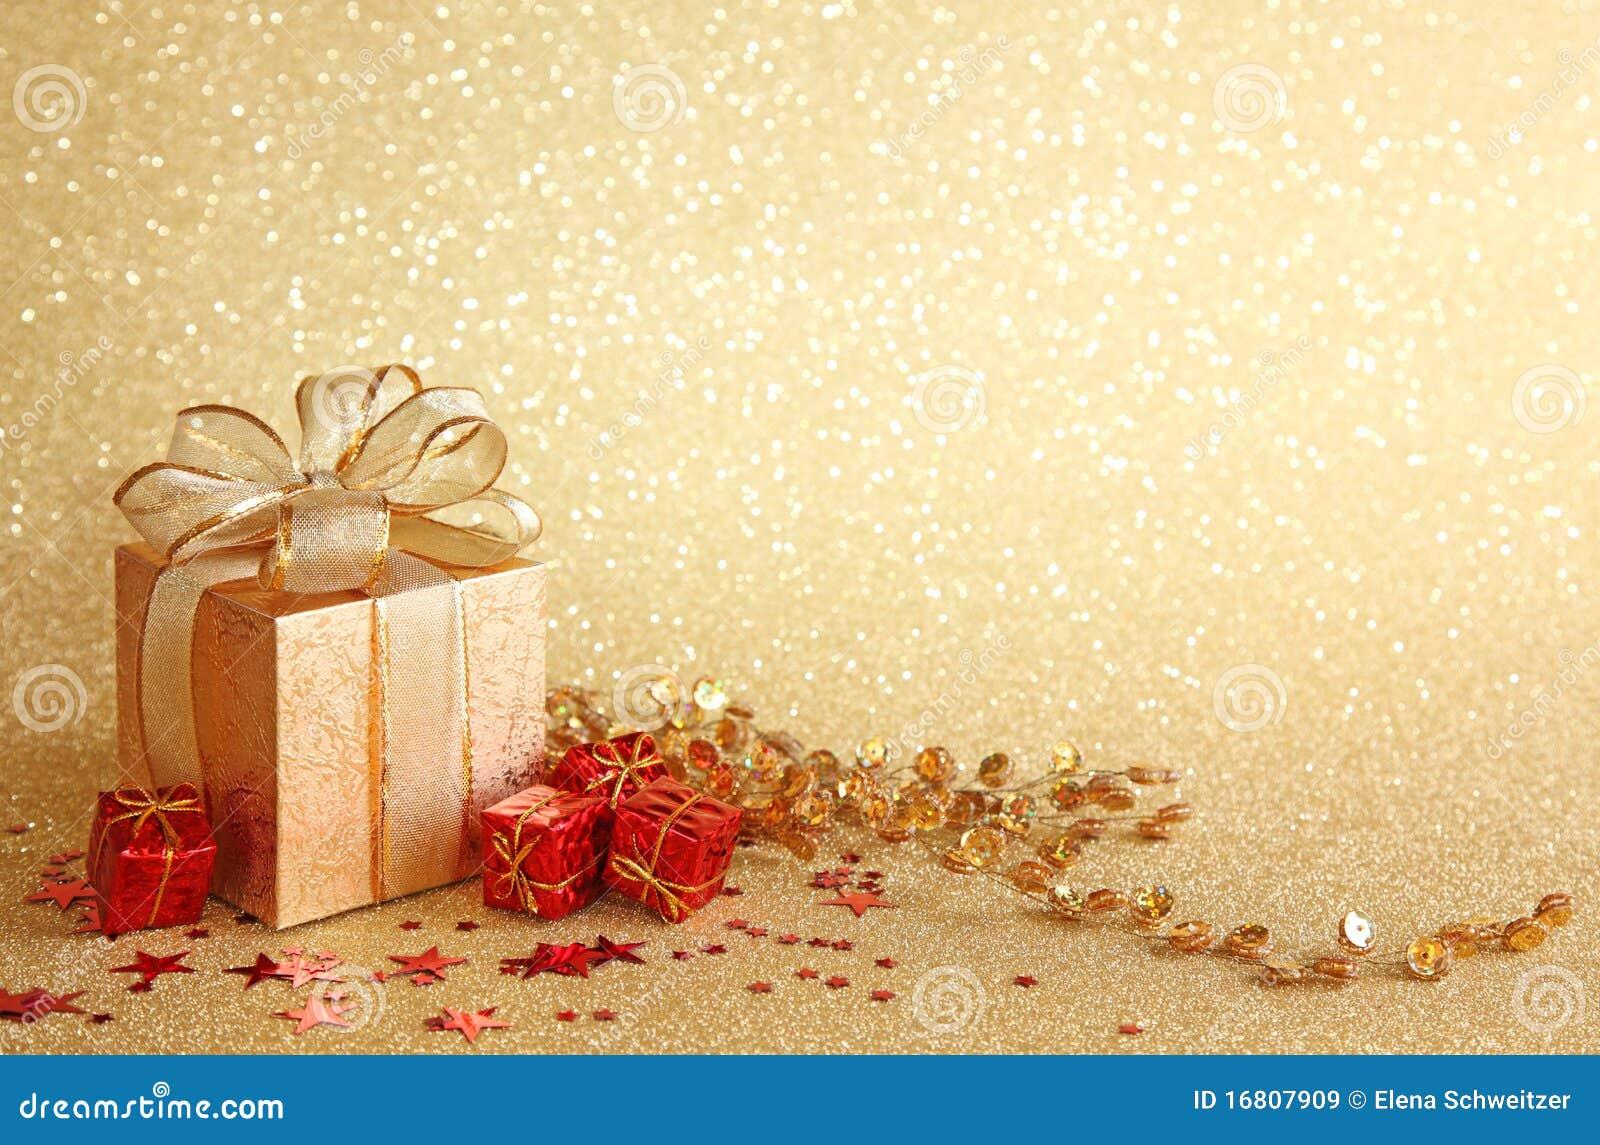 caixa de presente do natal imagem de stock  imagem de festive